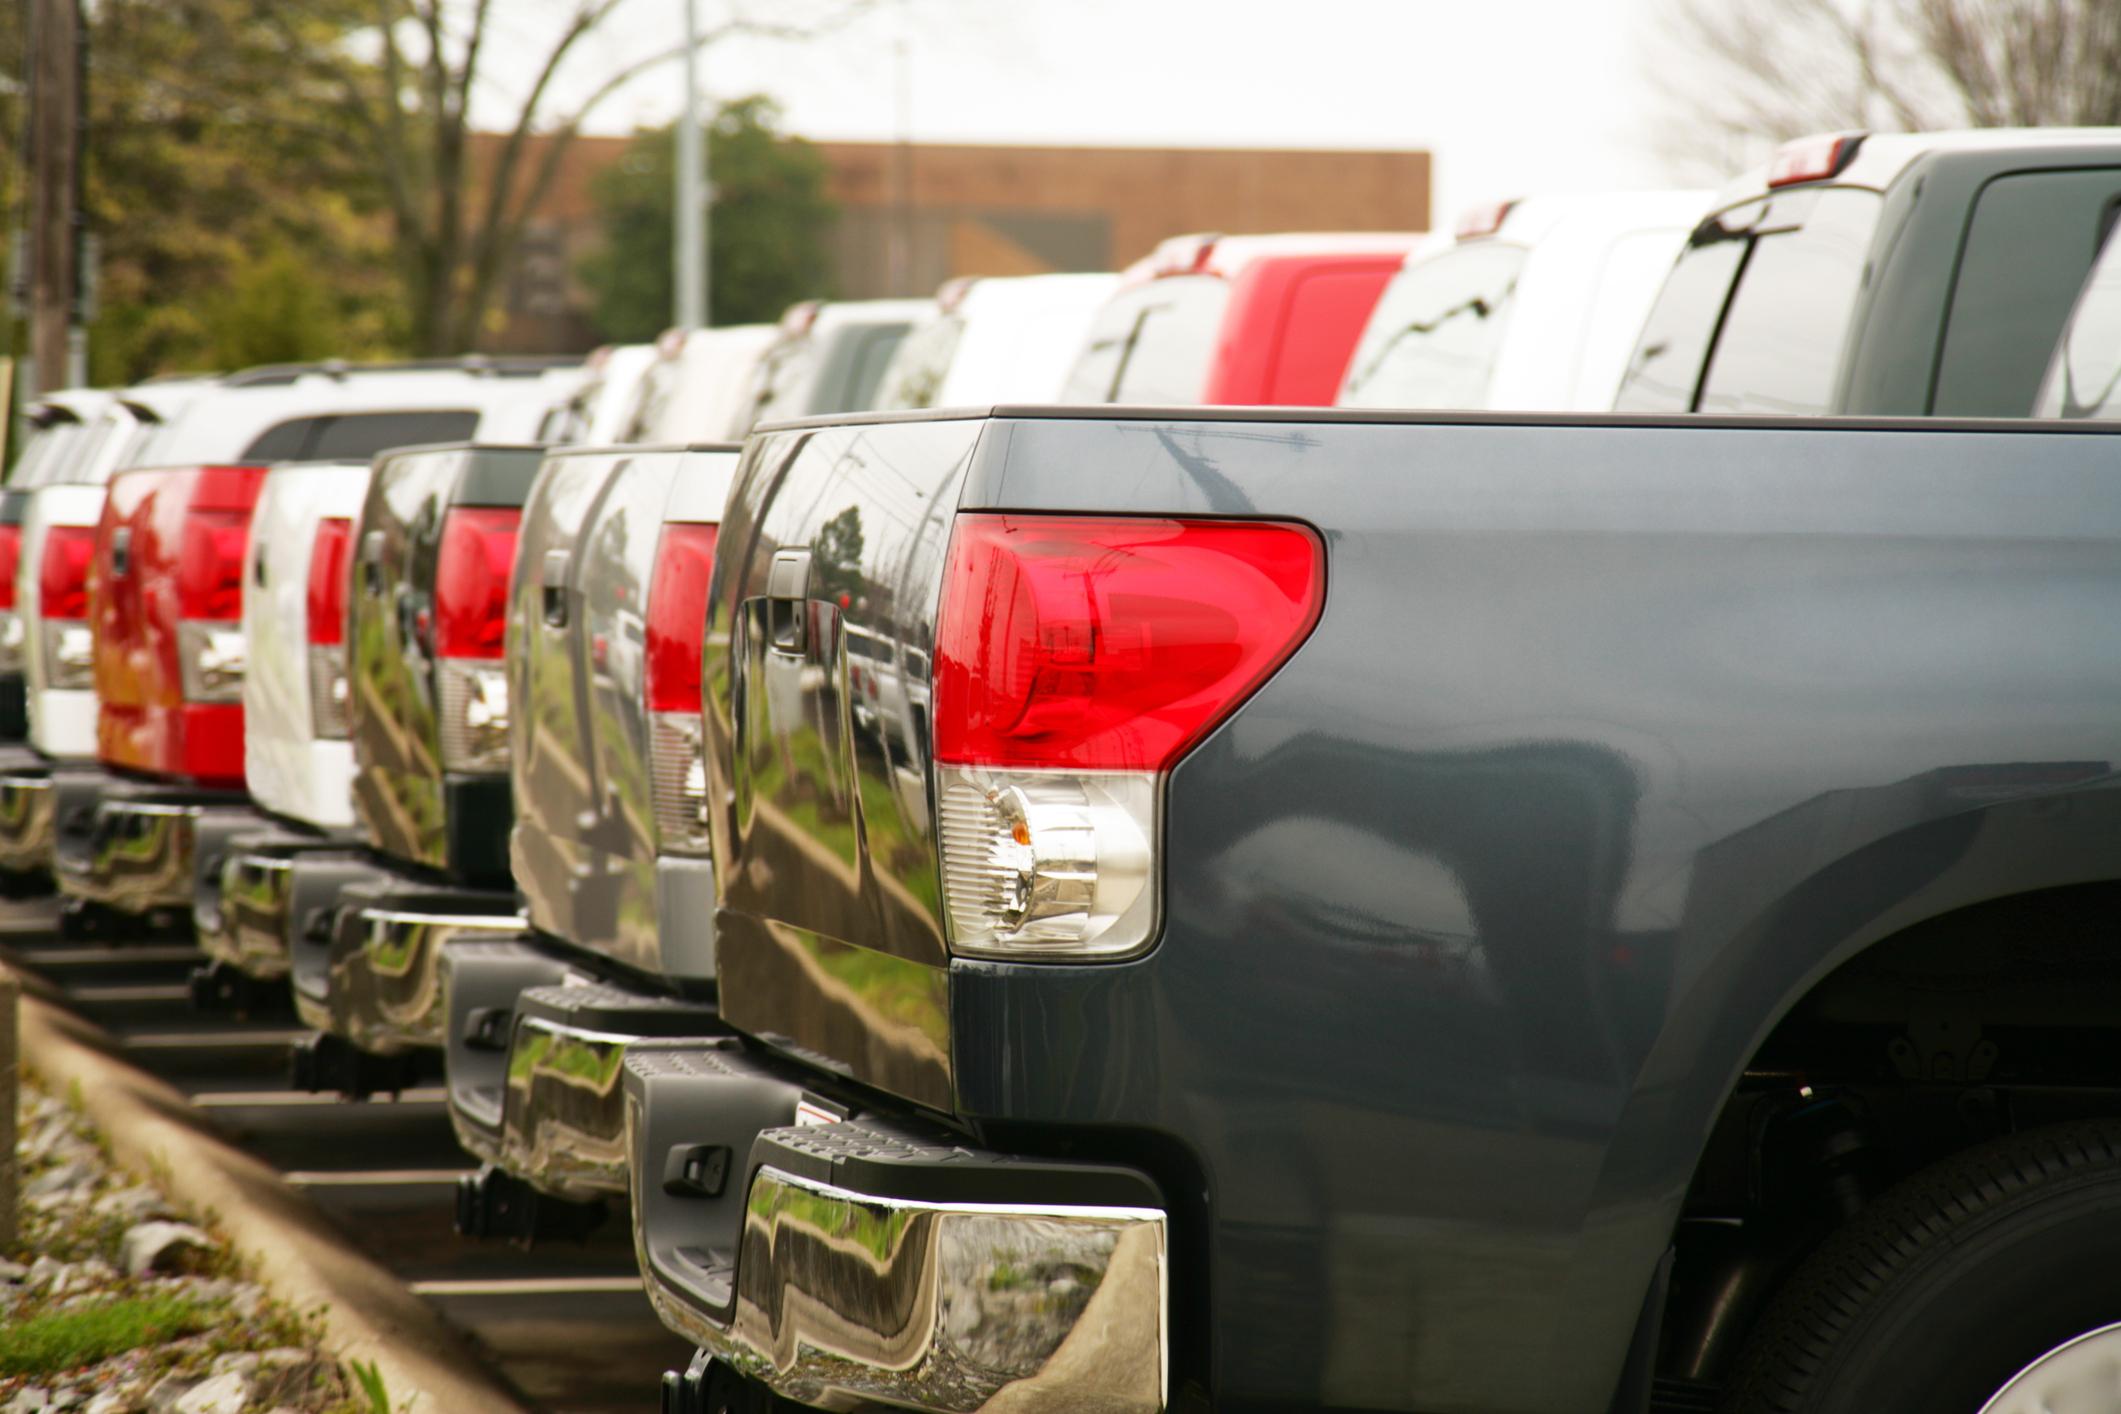 Row of trucks at a dealership